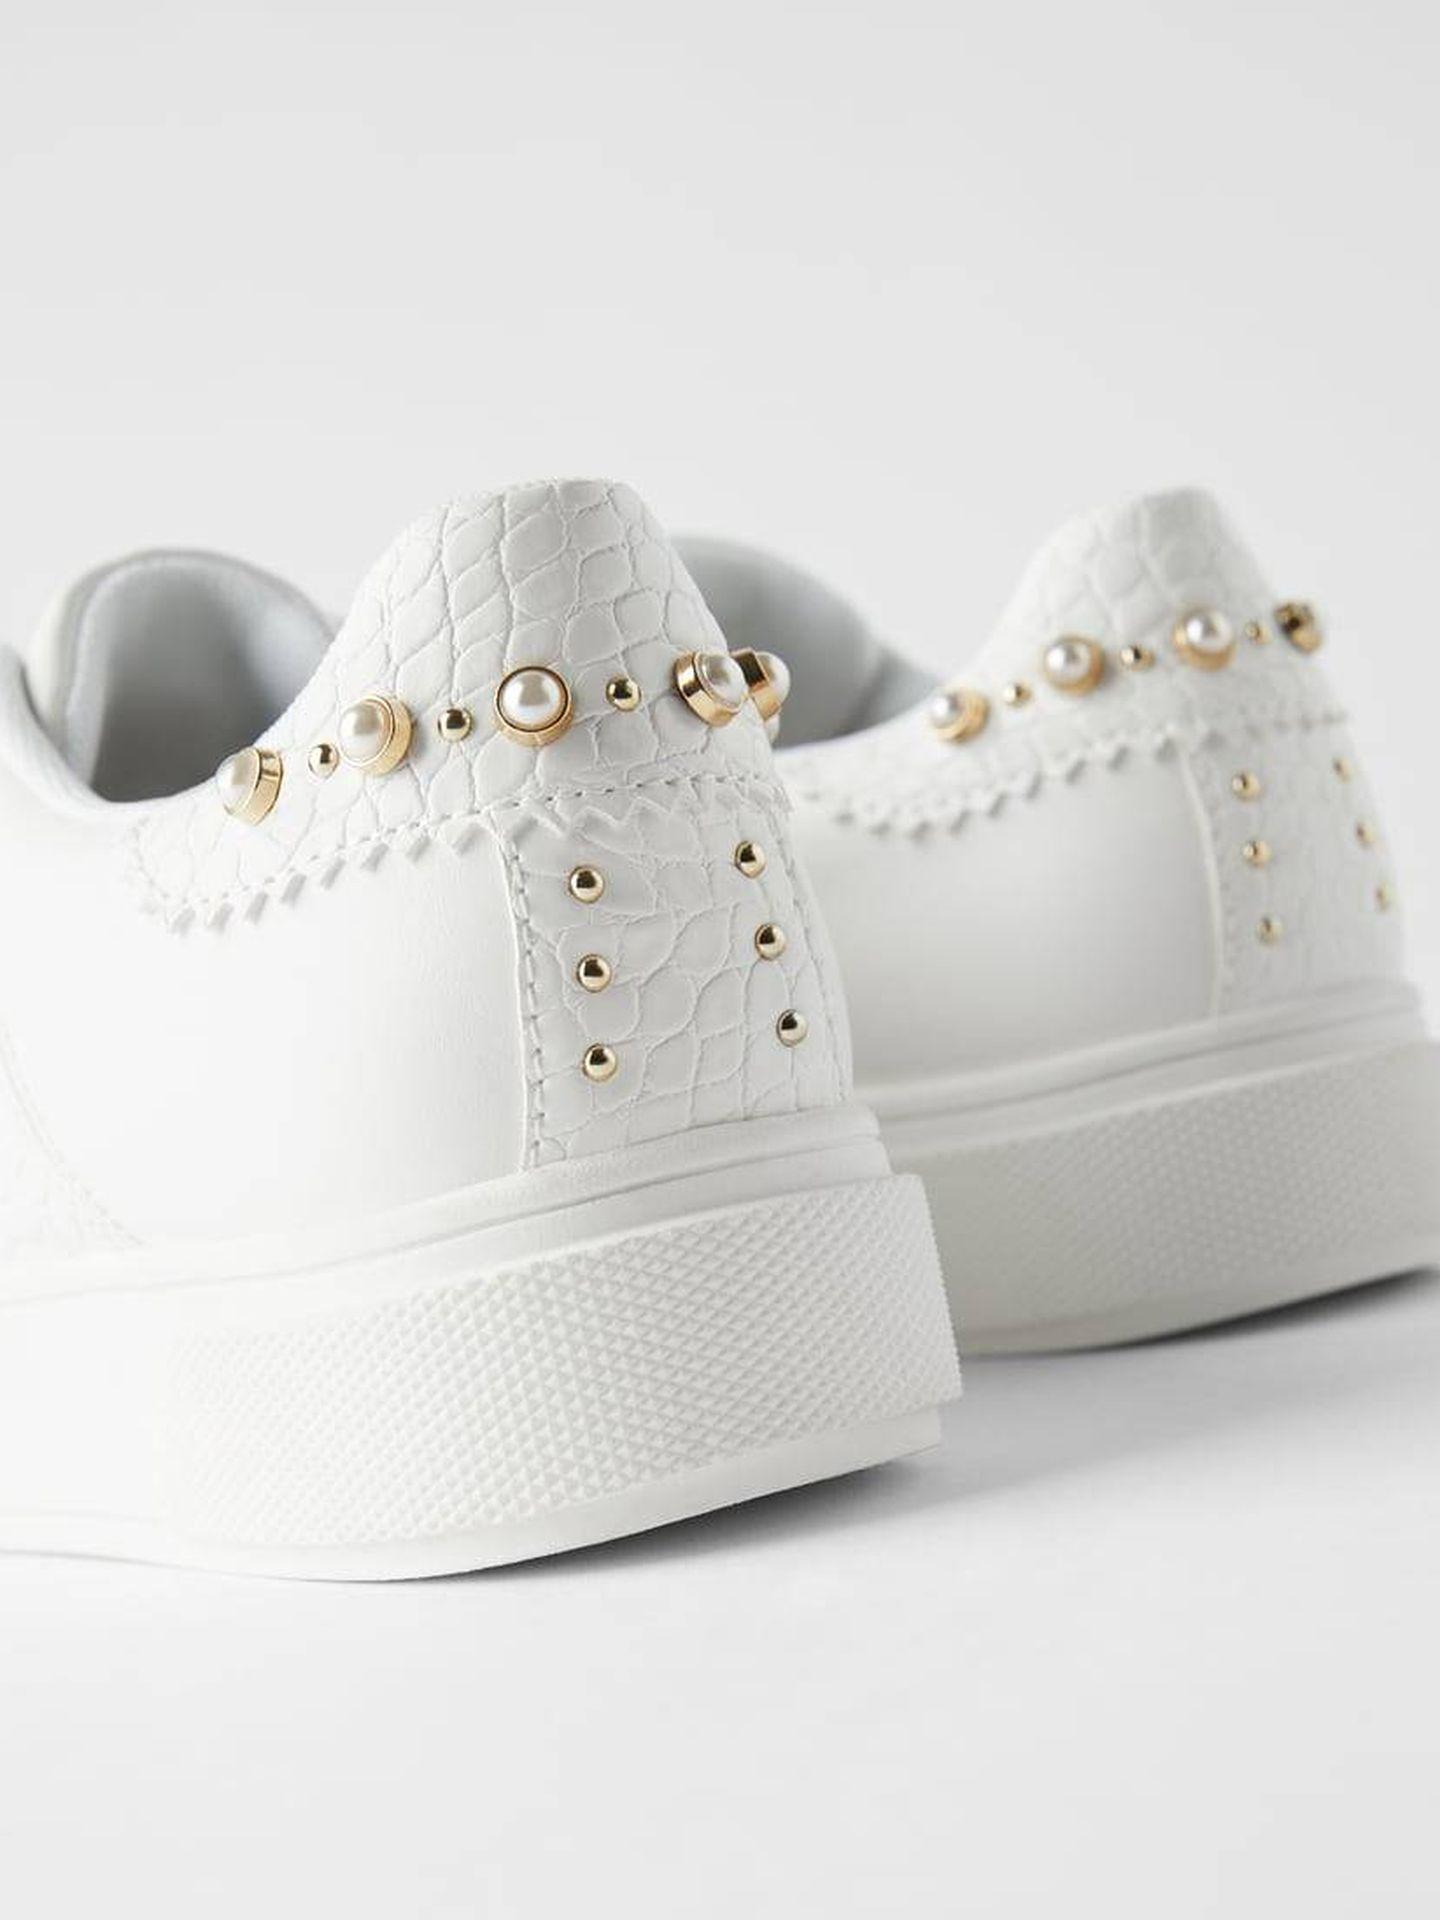 Las zapatillas de deporte de Zara. (Cortesía)